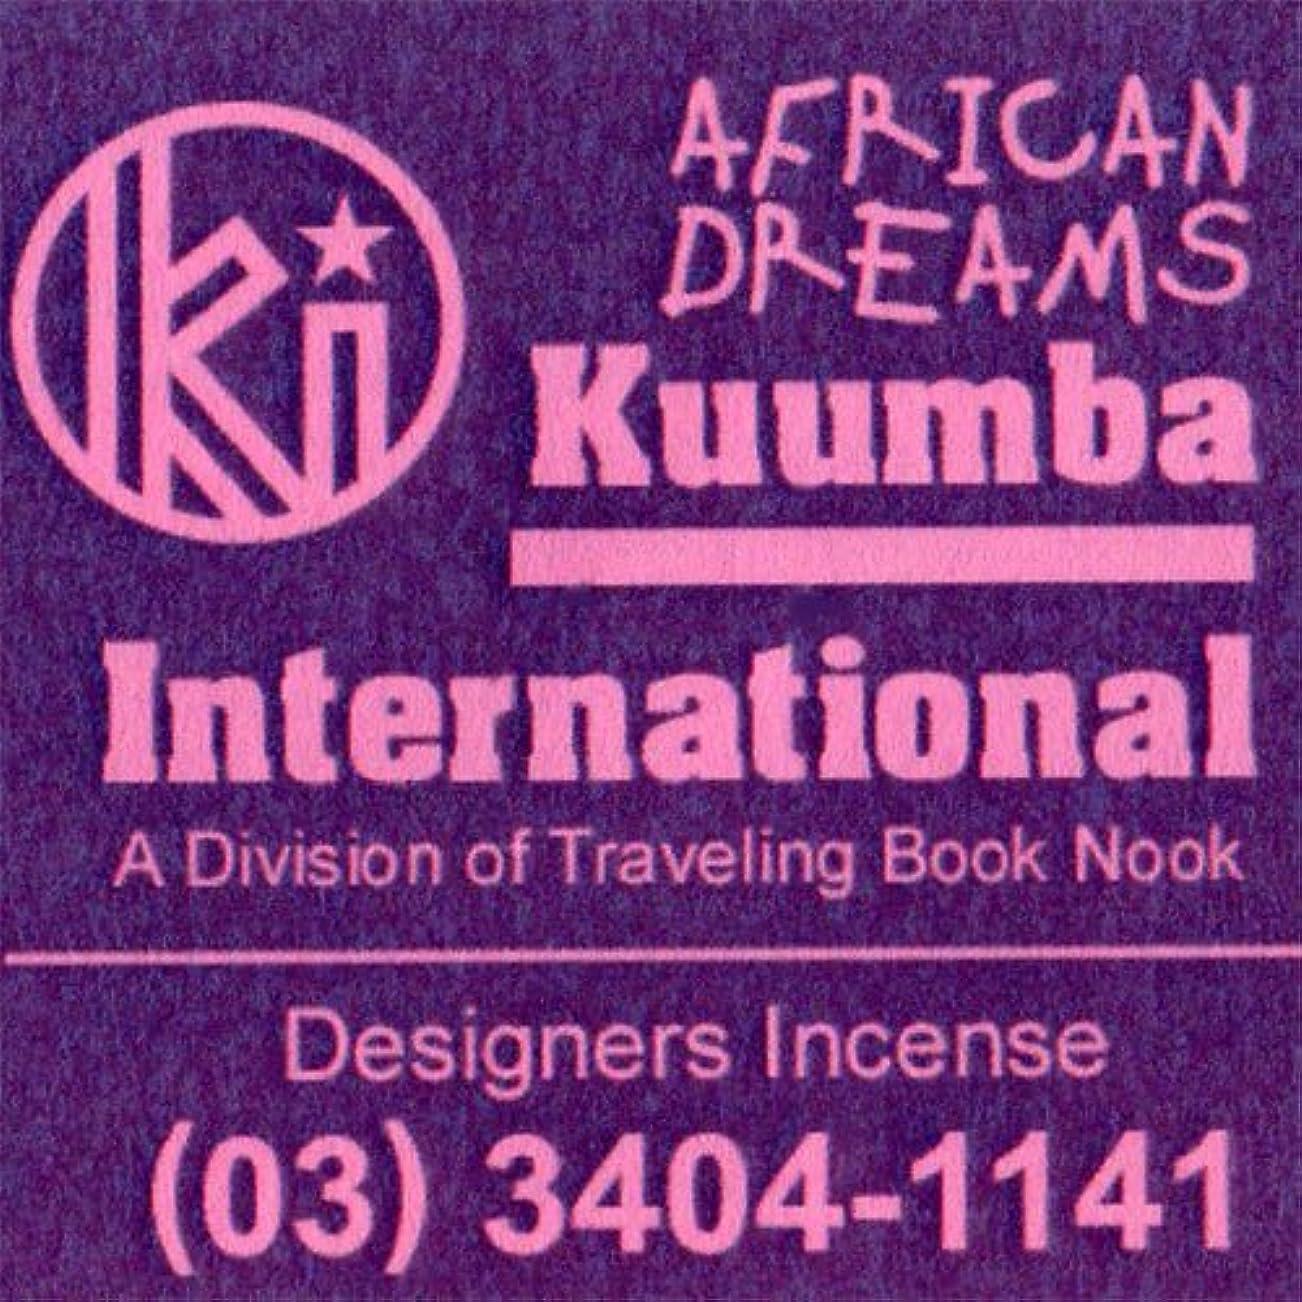 麻痺仲人タイヤ(クンバ) KUUMBA『incense』(AFRICAN DREAMS) (Regular size)